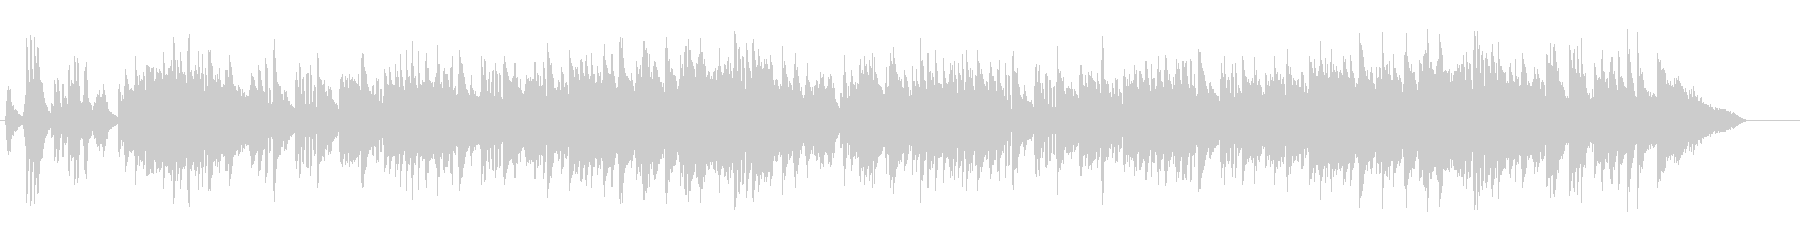 アーバン・ナイト風のジャズ・サウンドの未再生の波形